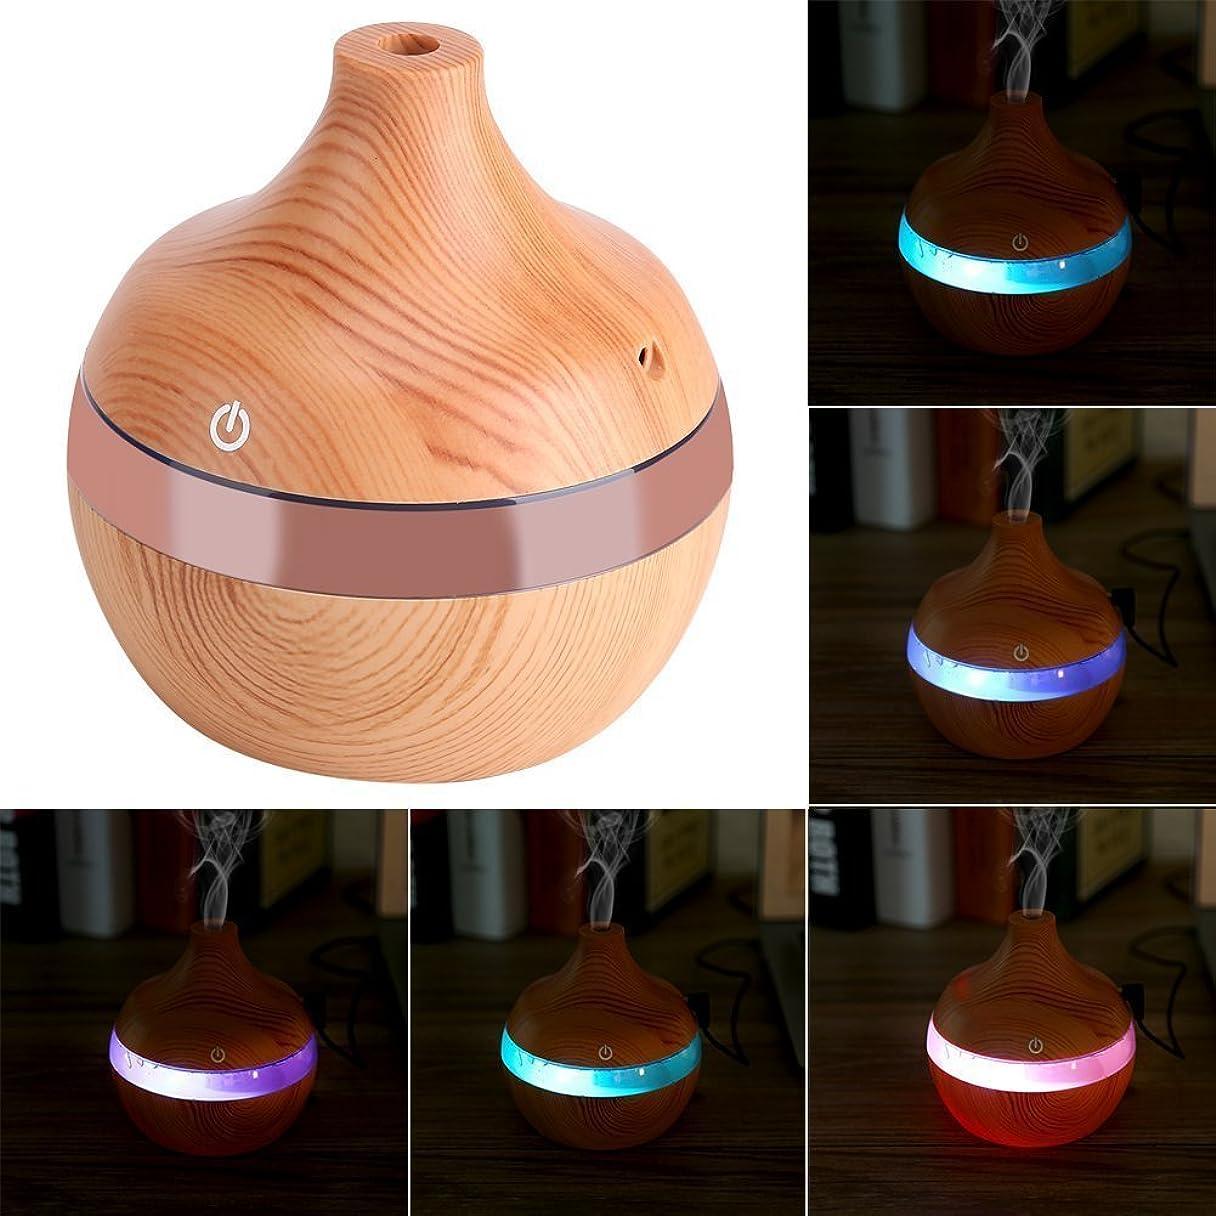 る常習的興奮するアロマディフューザー - Delaman 卓上加湿器、木目調、7色変換